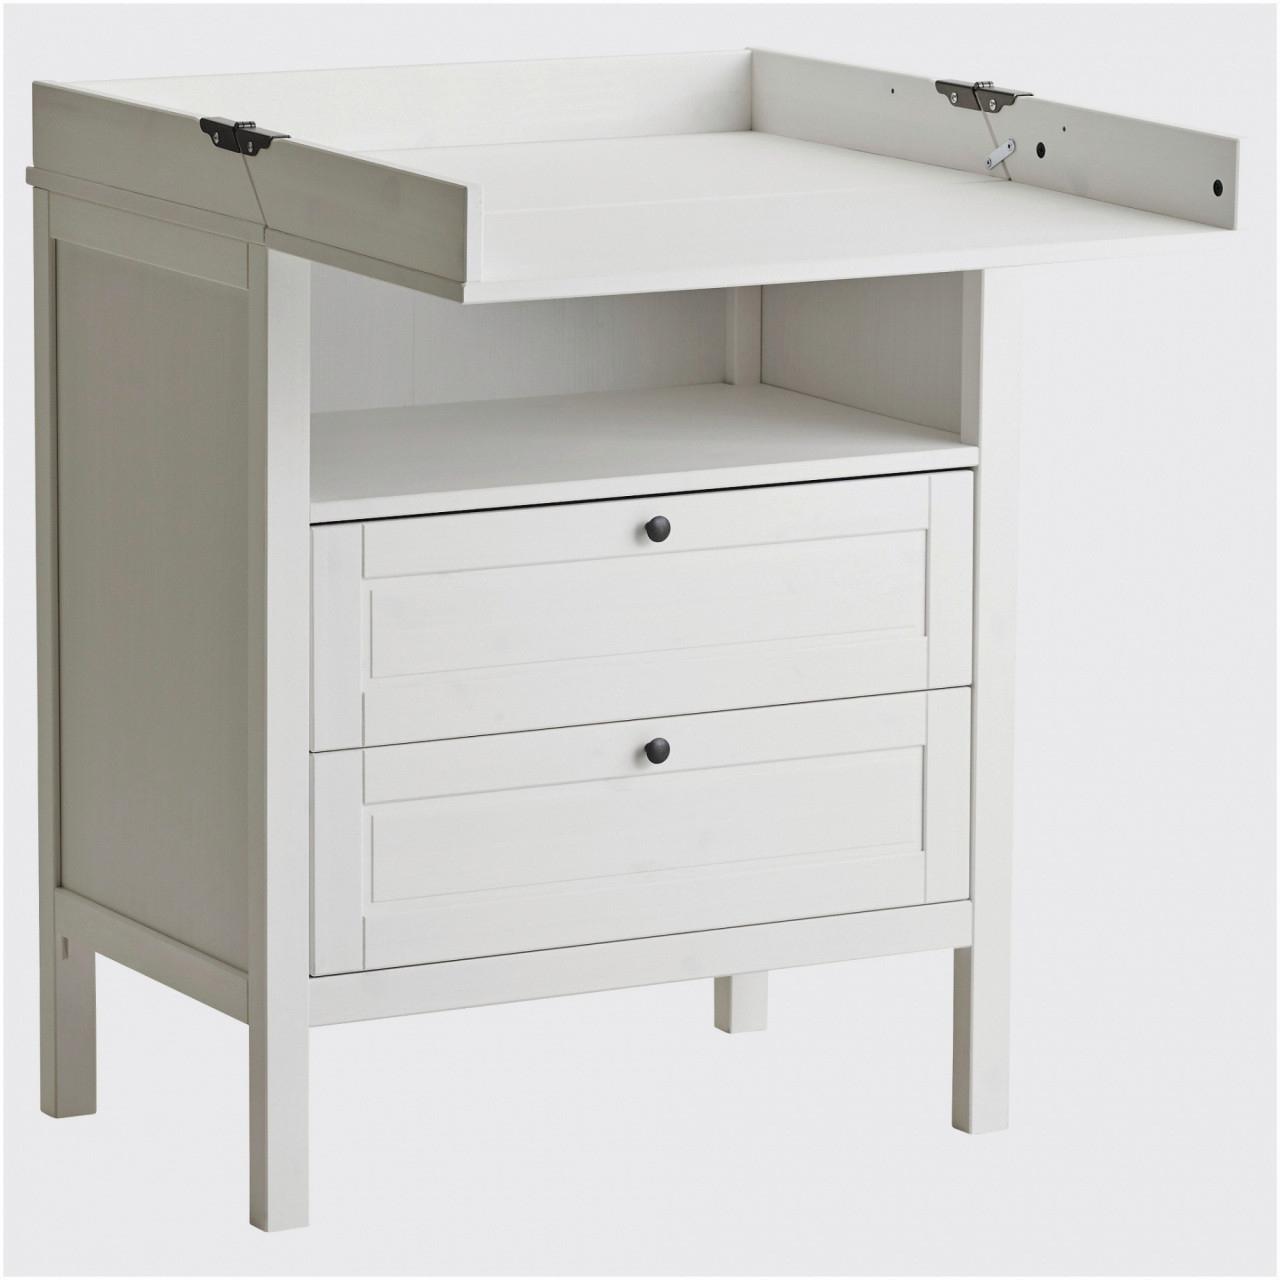 Meuble Profondeur 35 Cm Meuble Profondeur 15 Cm Meuble ... intérieur Canapé Faible Profondeur Ikea